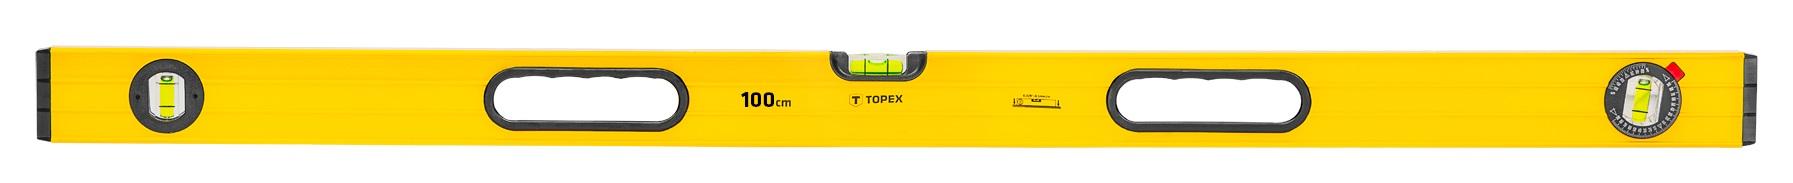 Topex 29C604 Рiвень алюмiнiєвий, тип 600, 100 см, 3 вiчка